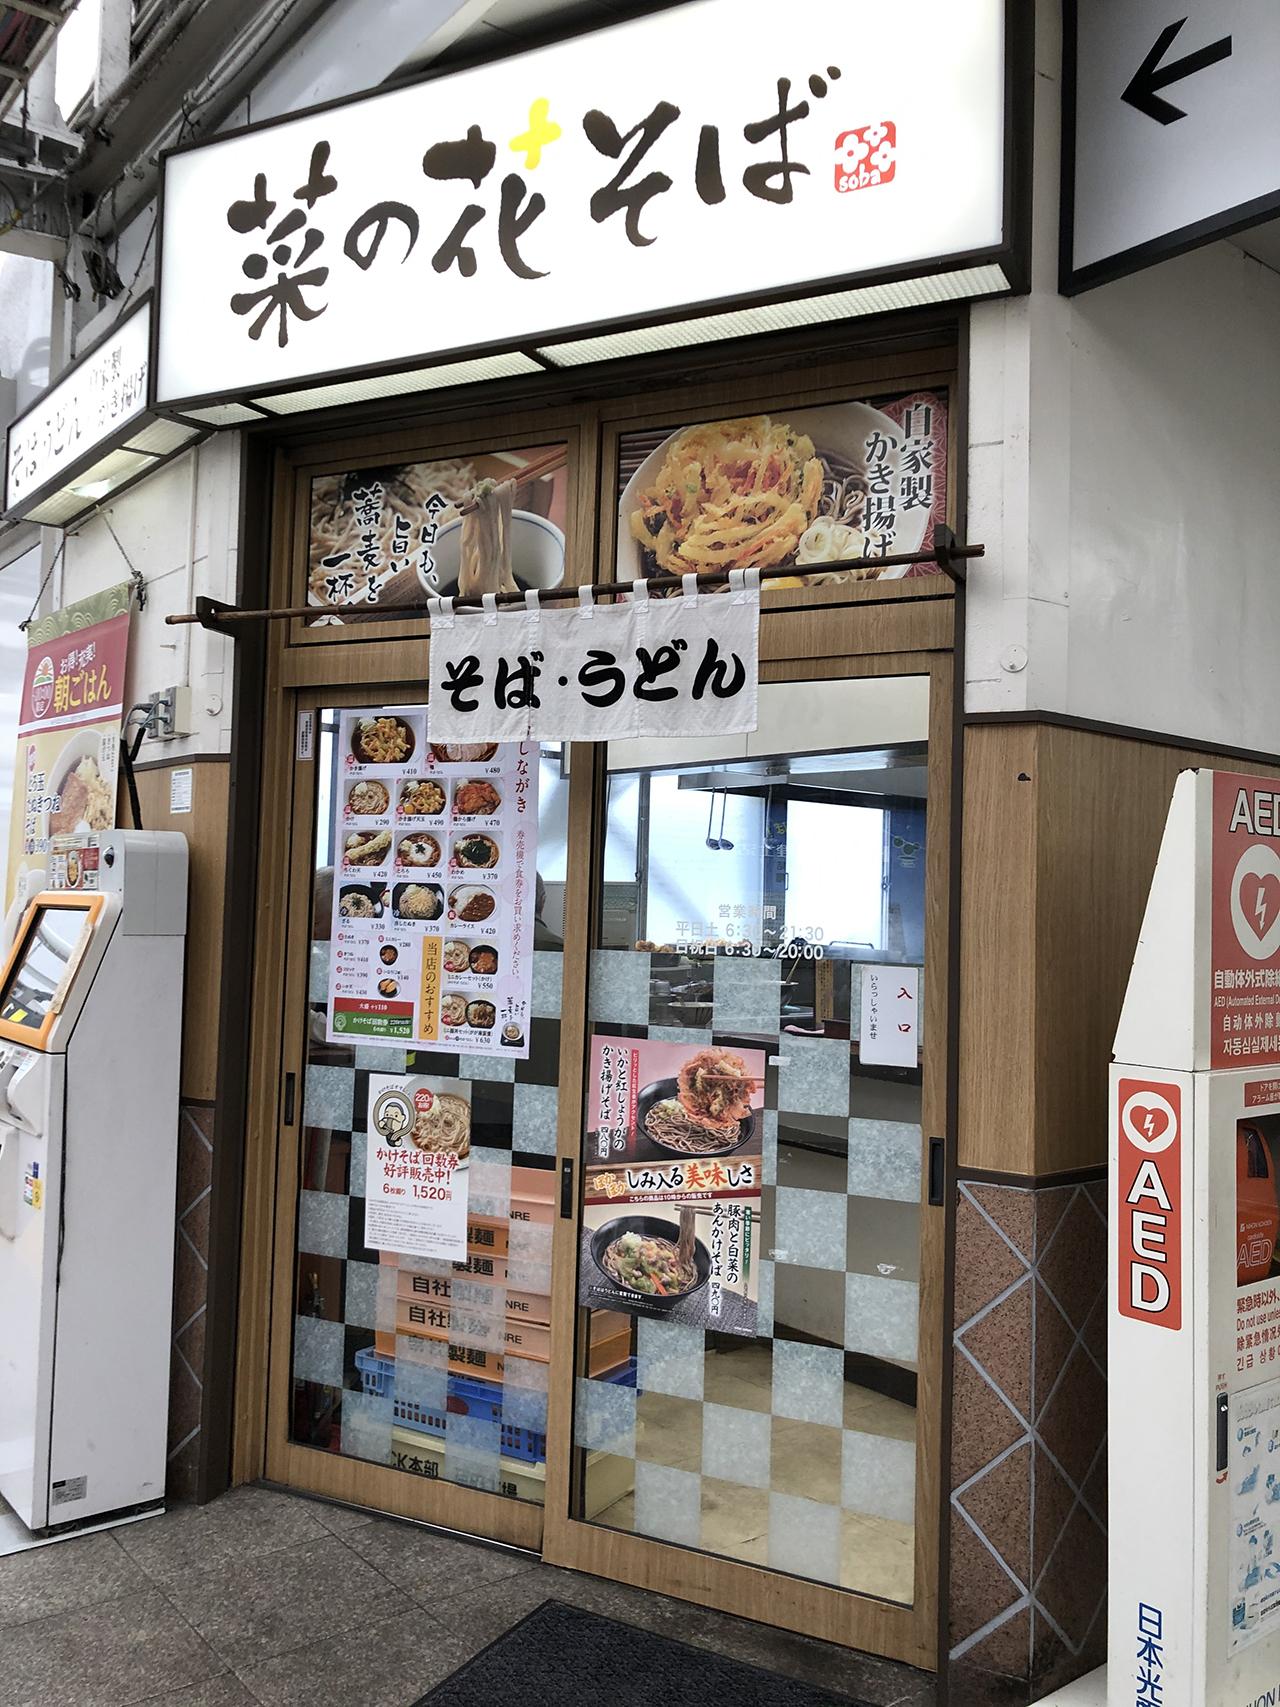 菜の花そば 千葉西口店 の画像